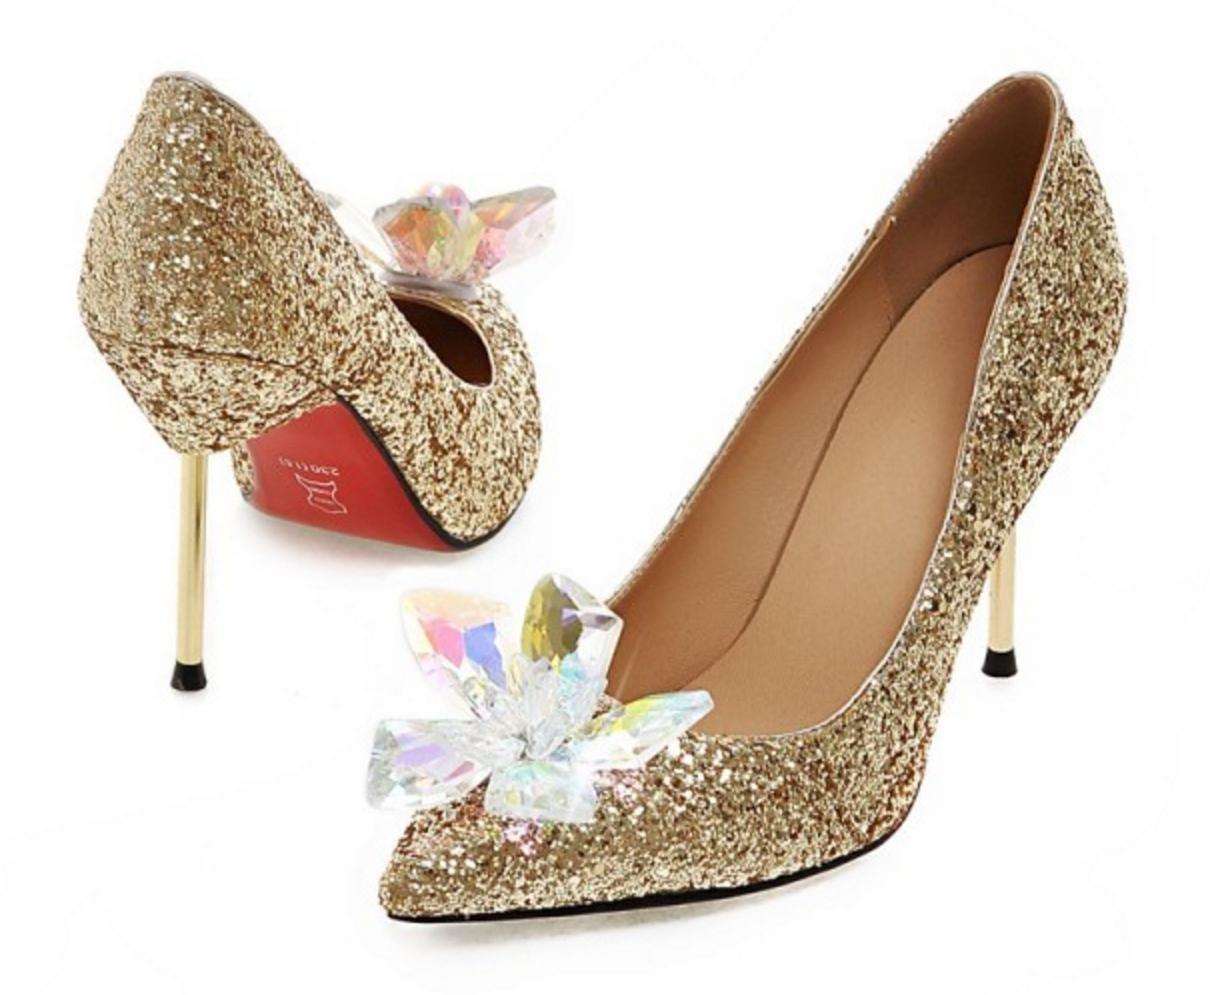 HYLM Hot Aschenputtel Kristall Schuhe spitze Schmetterling Blume Silber Diamant spitze Schuhe High Heels Fine mit Hochzeit Schuhe Bankett Schuhe gold 9453f9